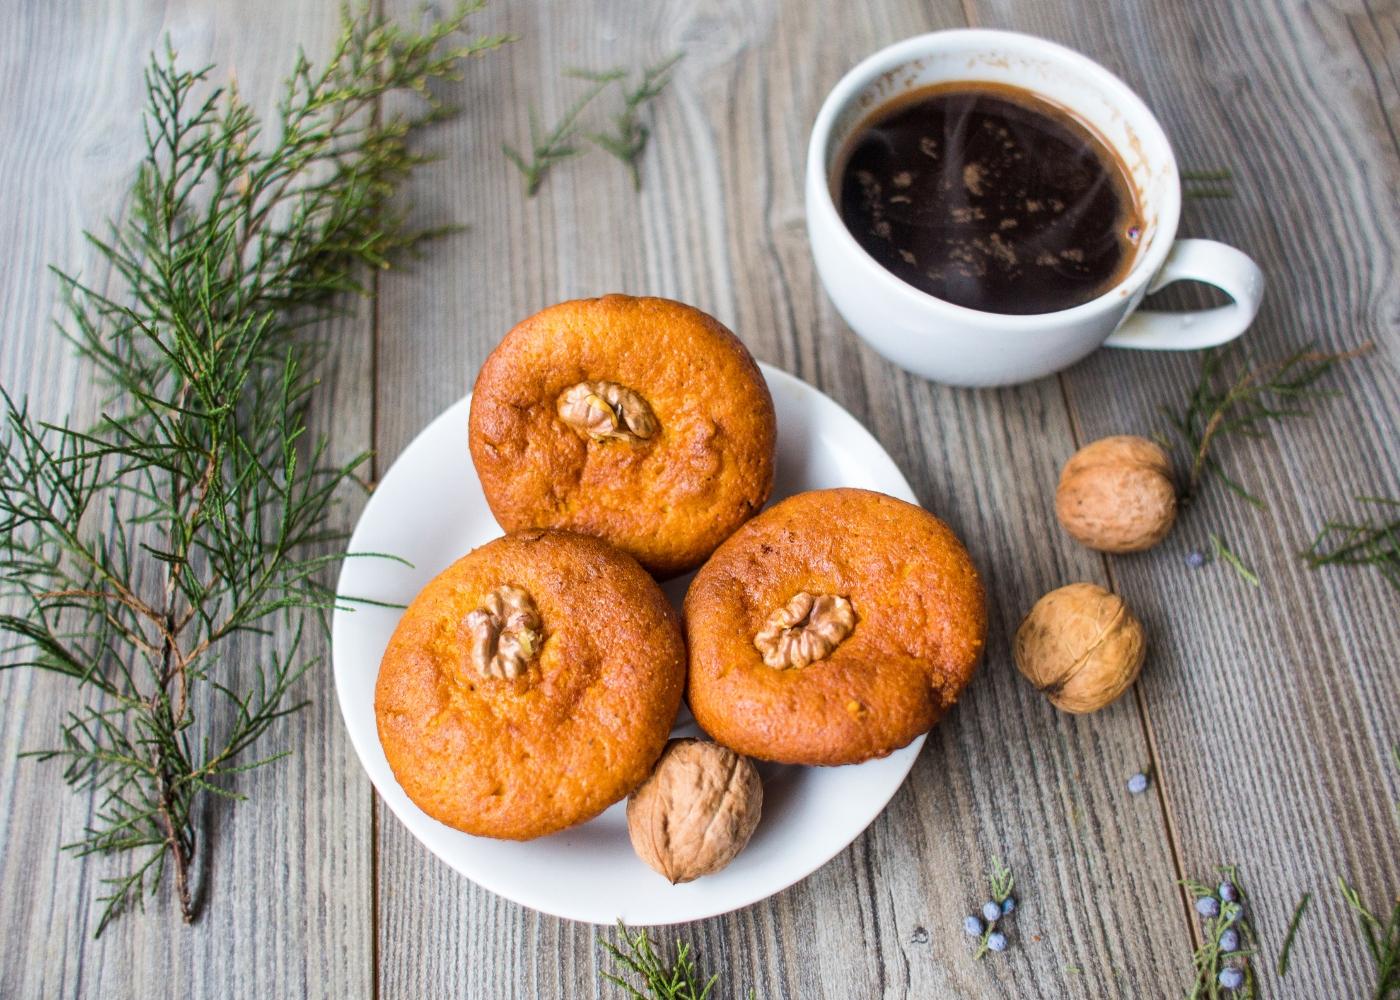 bolinhos de aveia e batata-doce acompanhados de café